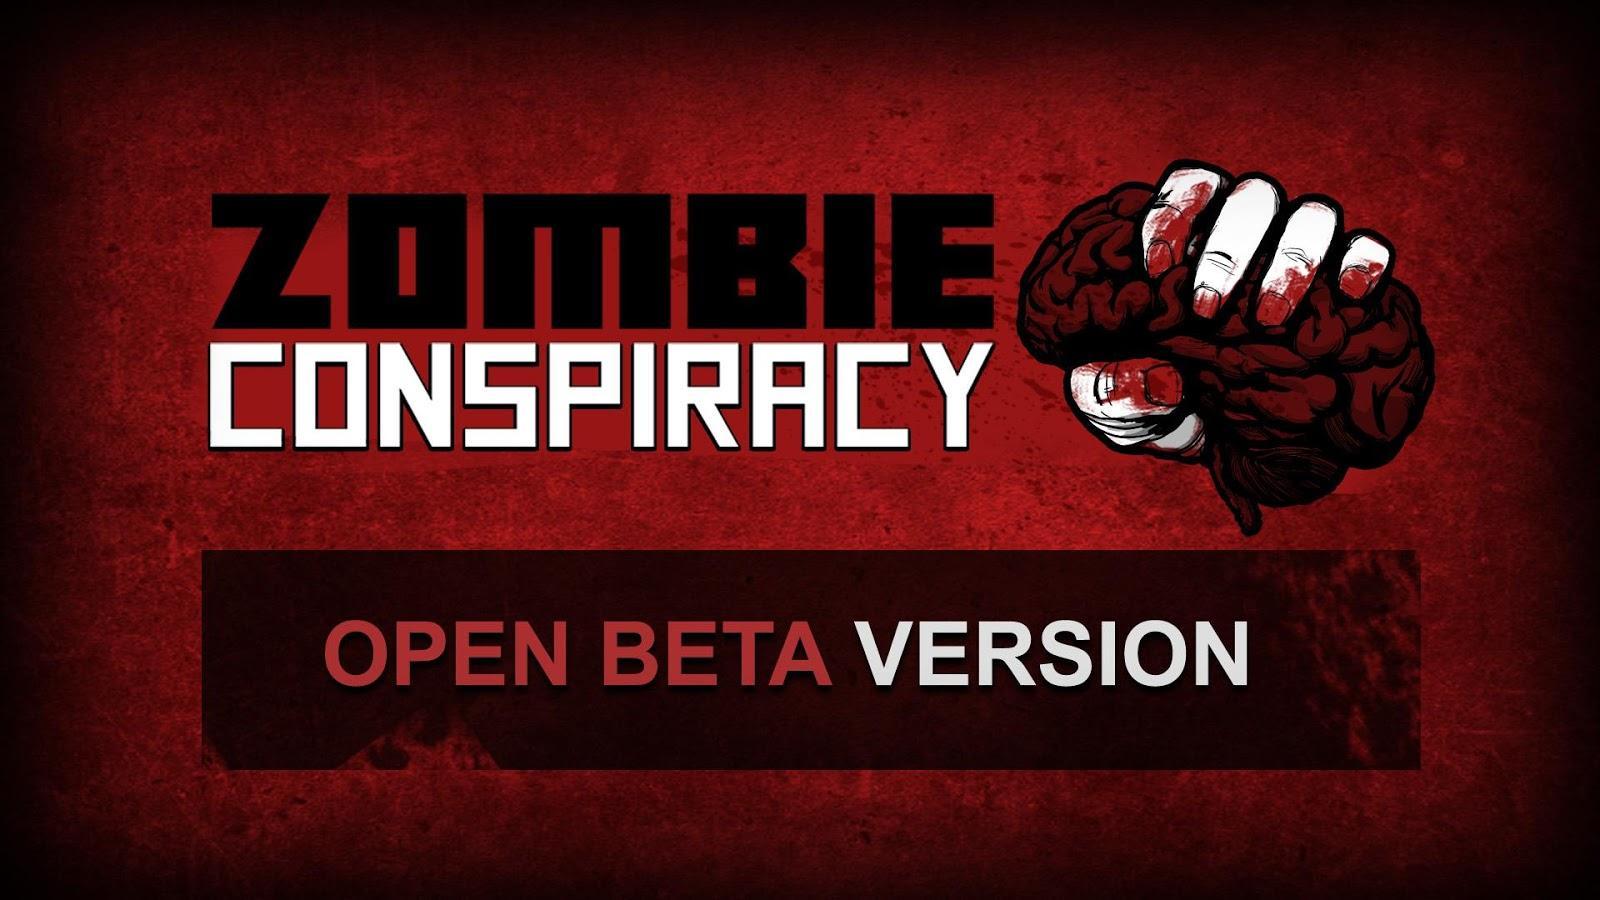 Zombie Conspiracy — Вирус? Где? Попробуйте выжить в пост апокалиптическом мире.